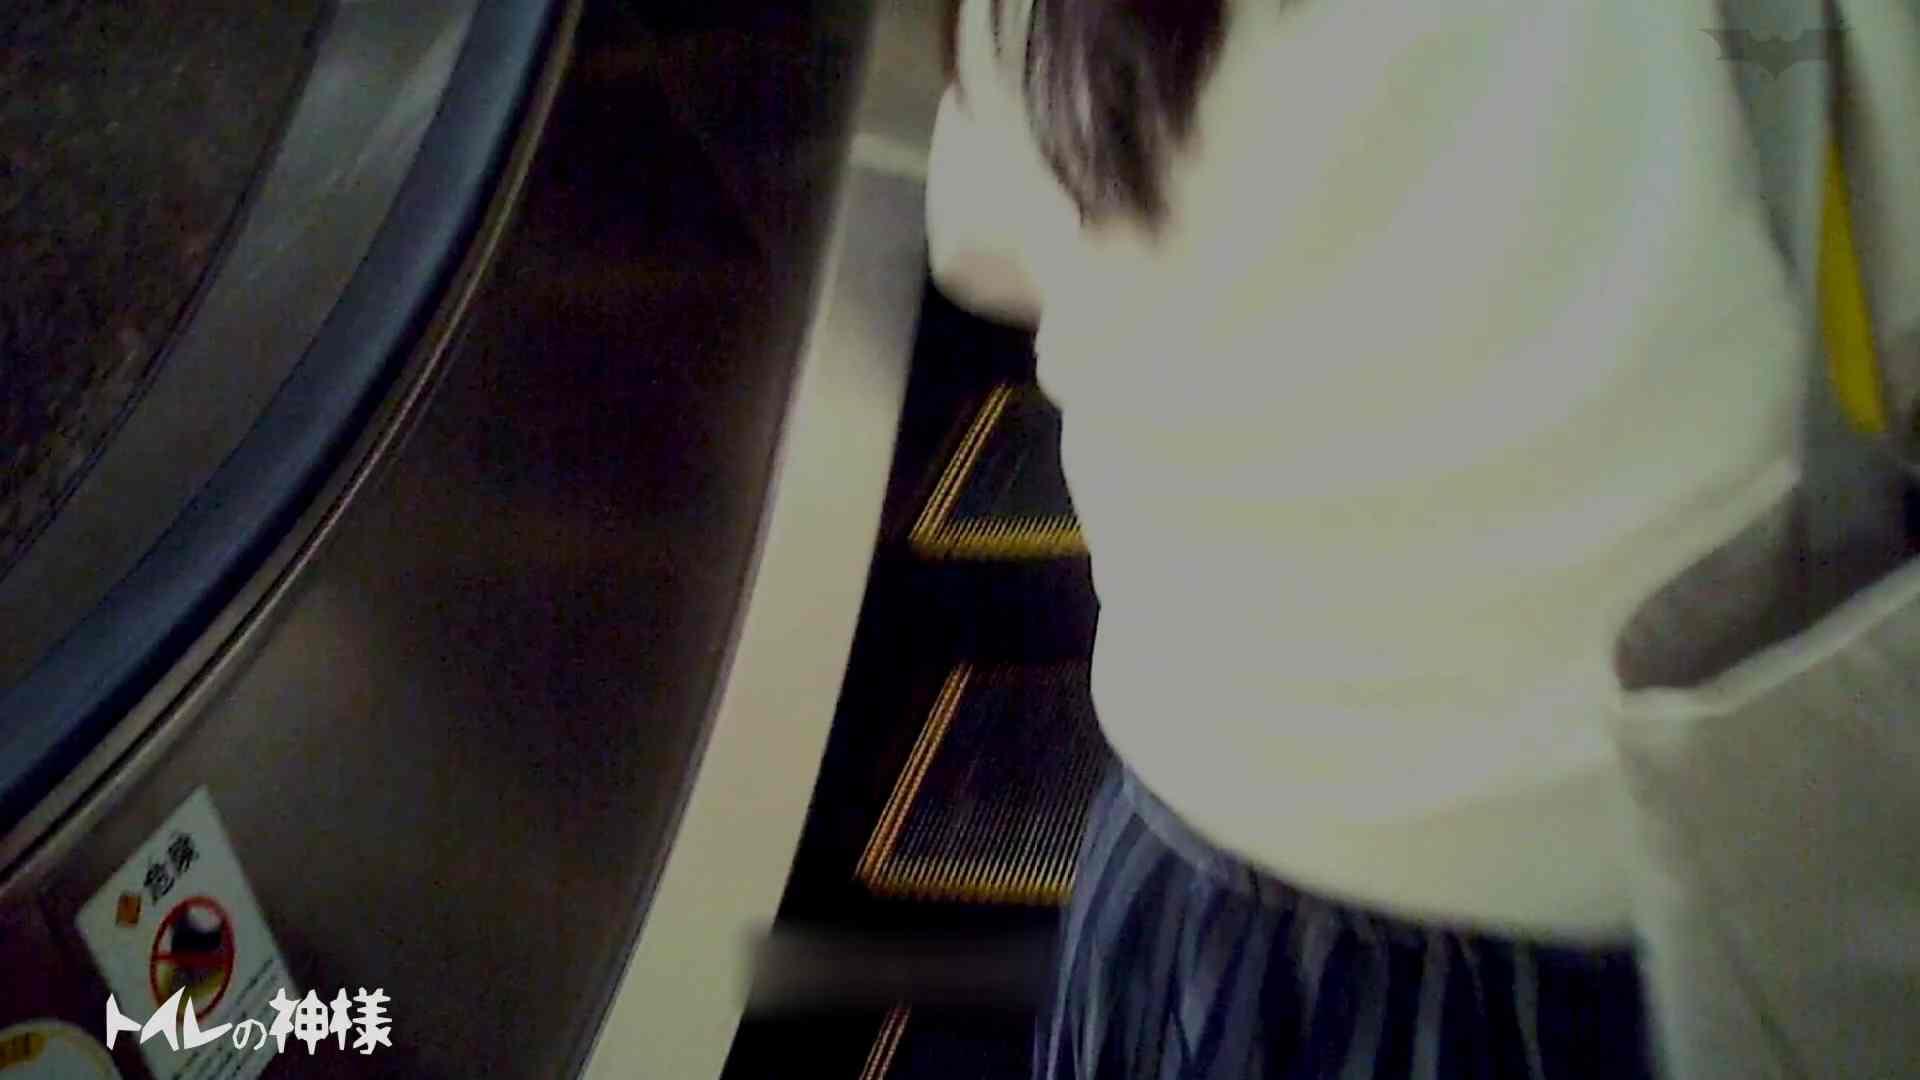 2視点パンツ逆さ取りVol.01 チラ見せ すけべAV動画紹介 65PIX 48